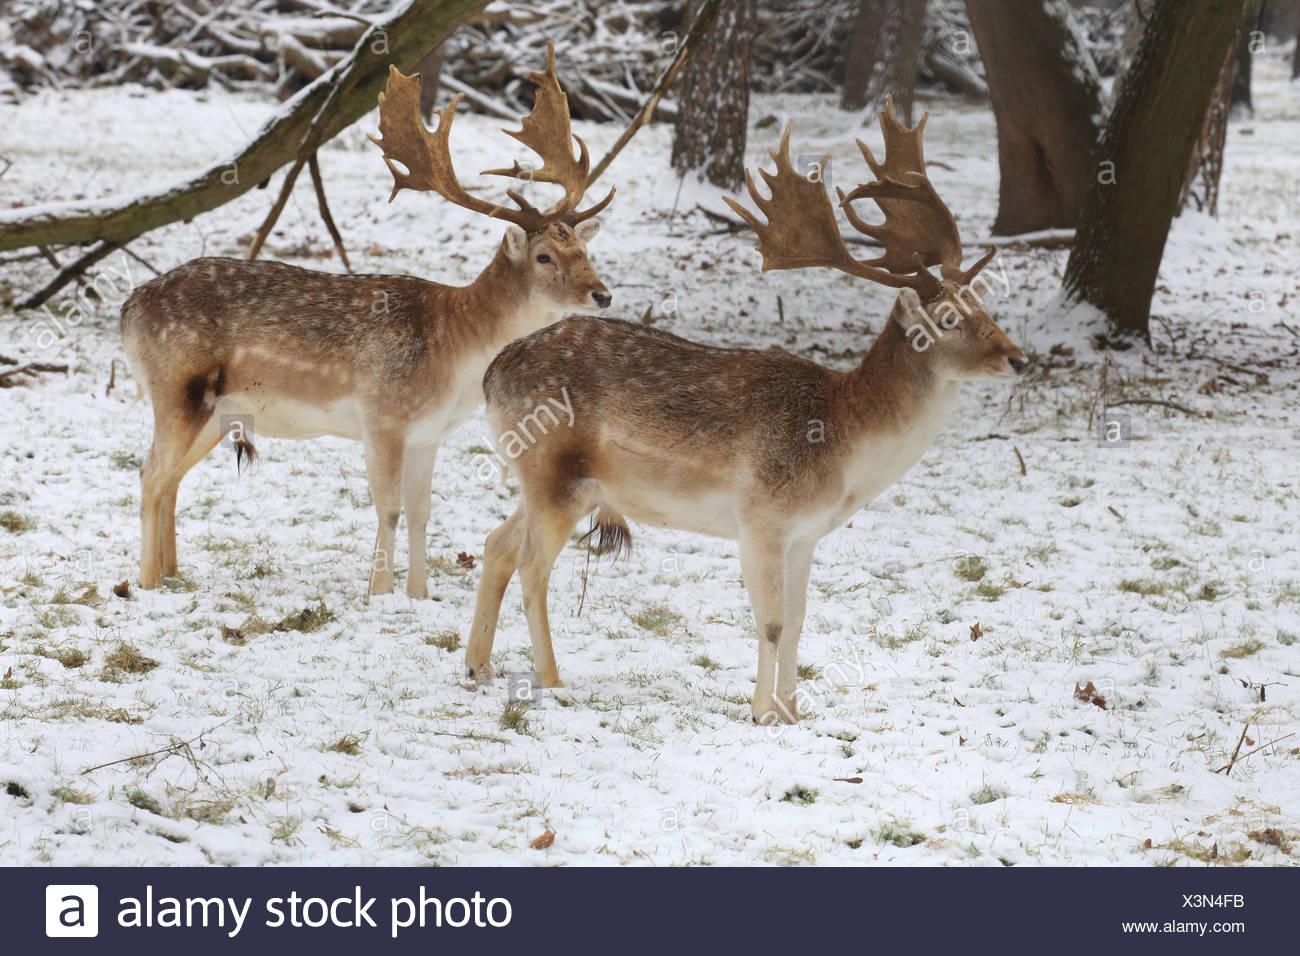 Fallow deer in winter, Dama dama - Stock Image